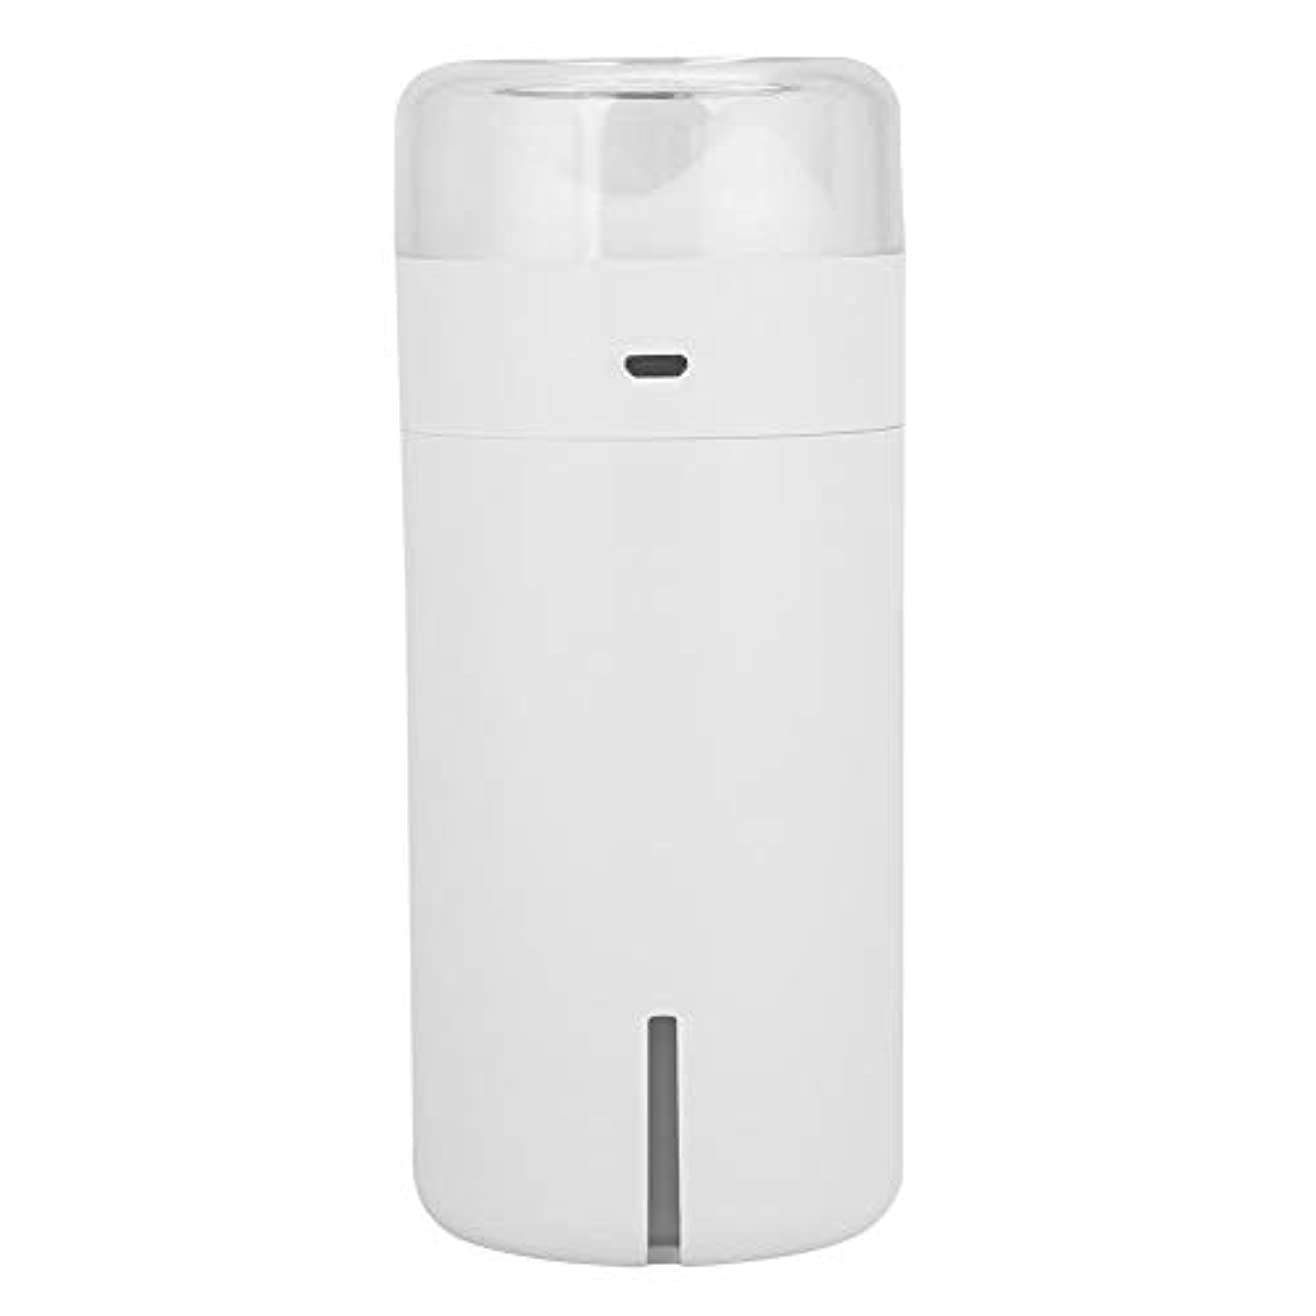 携帯用拡散器、車のオフィスのためのUSBケーブルが付いている超音波空気加湿器7色LEDの軽い清浄器(白)